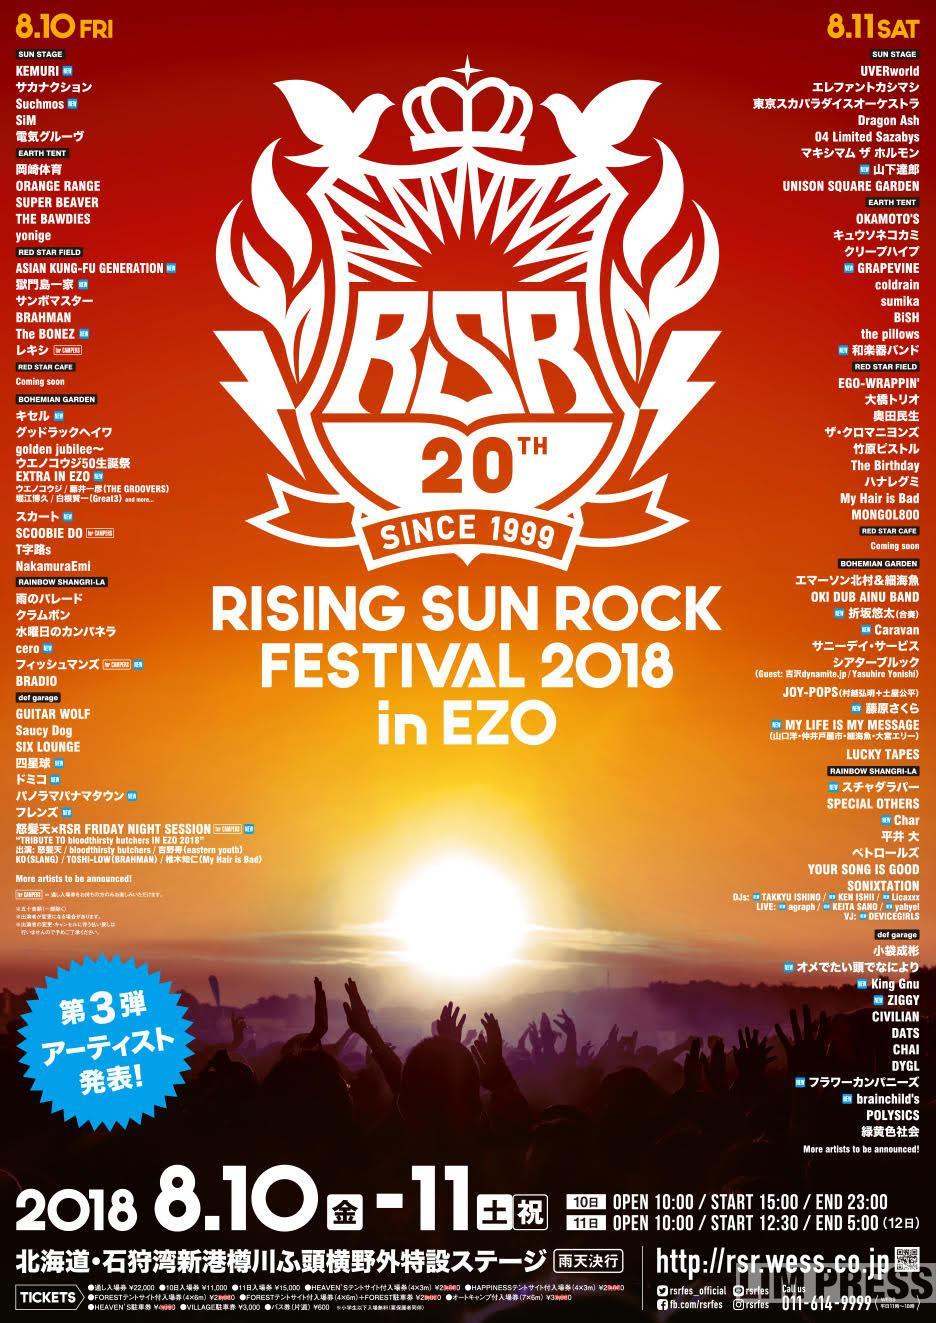 RISING SUN ROCK FESTIVAL 2018 in EZO 出演アーティスト第3弾、出演ステージ発表!!